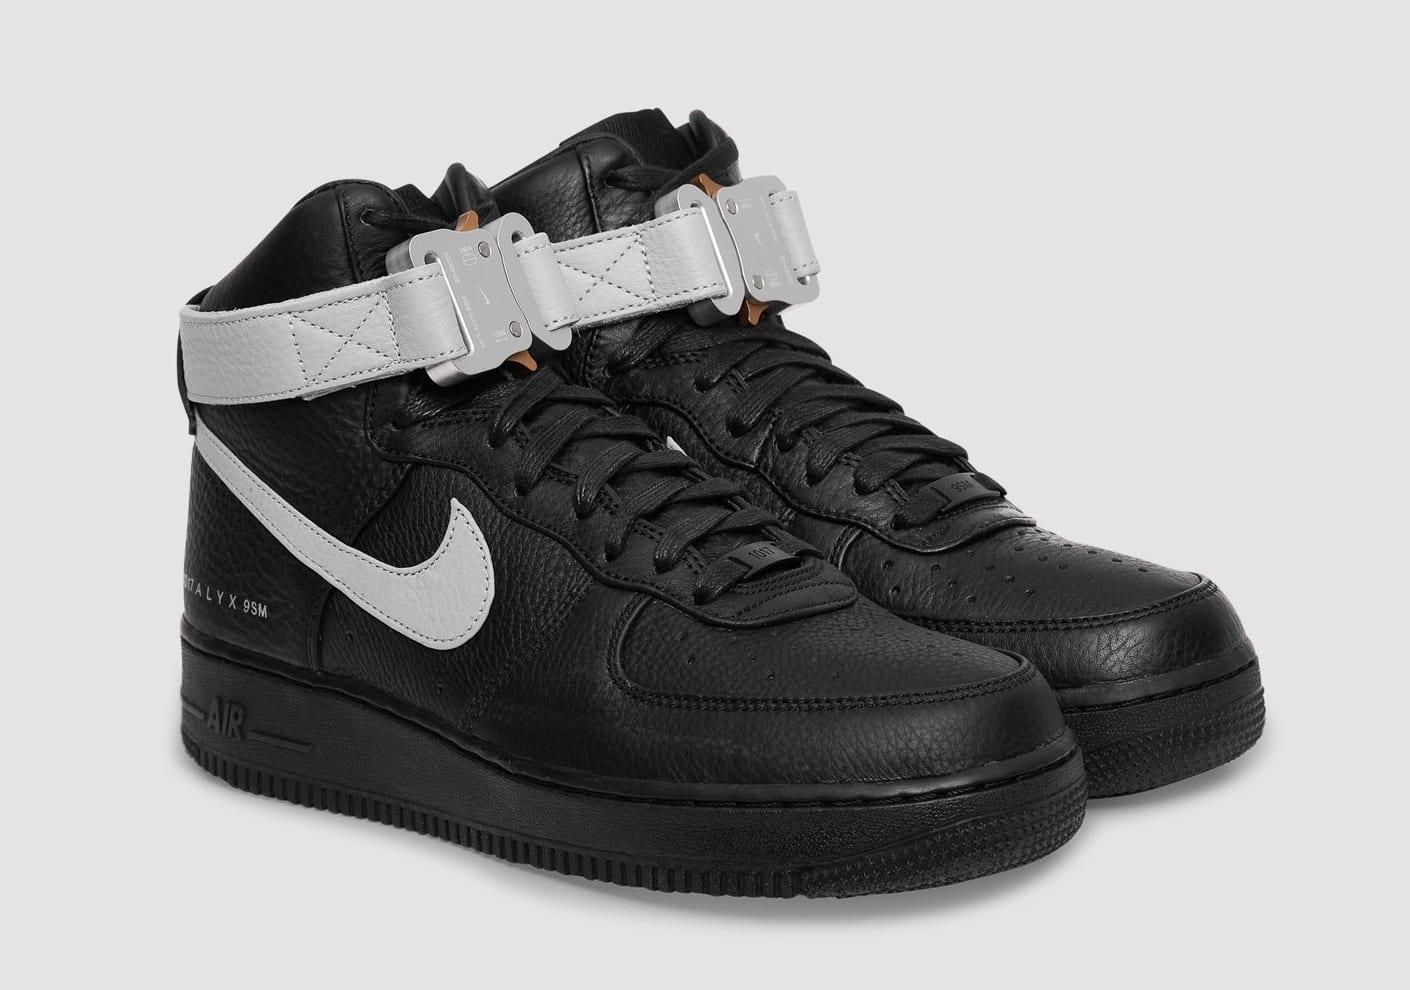 Alyx x Nike Air Force 1 High CQ4018-003 Pair